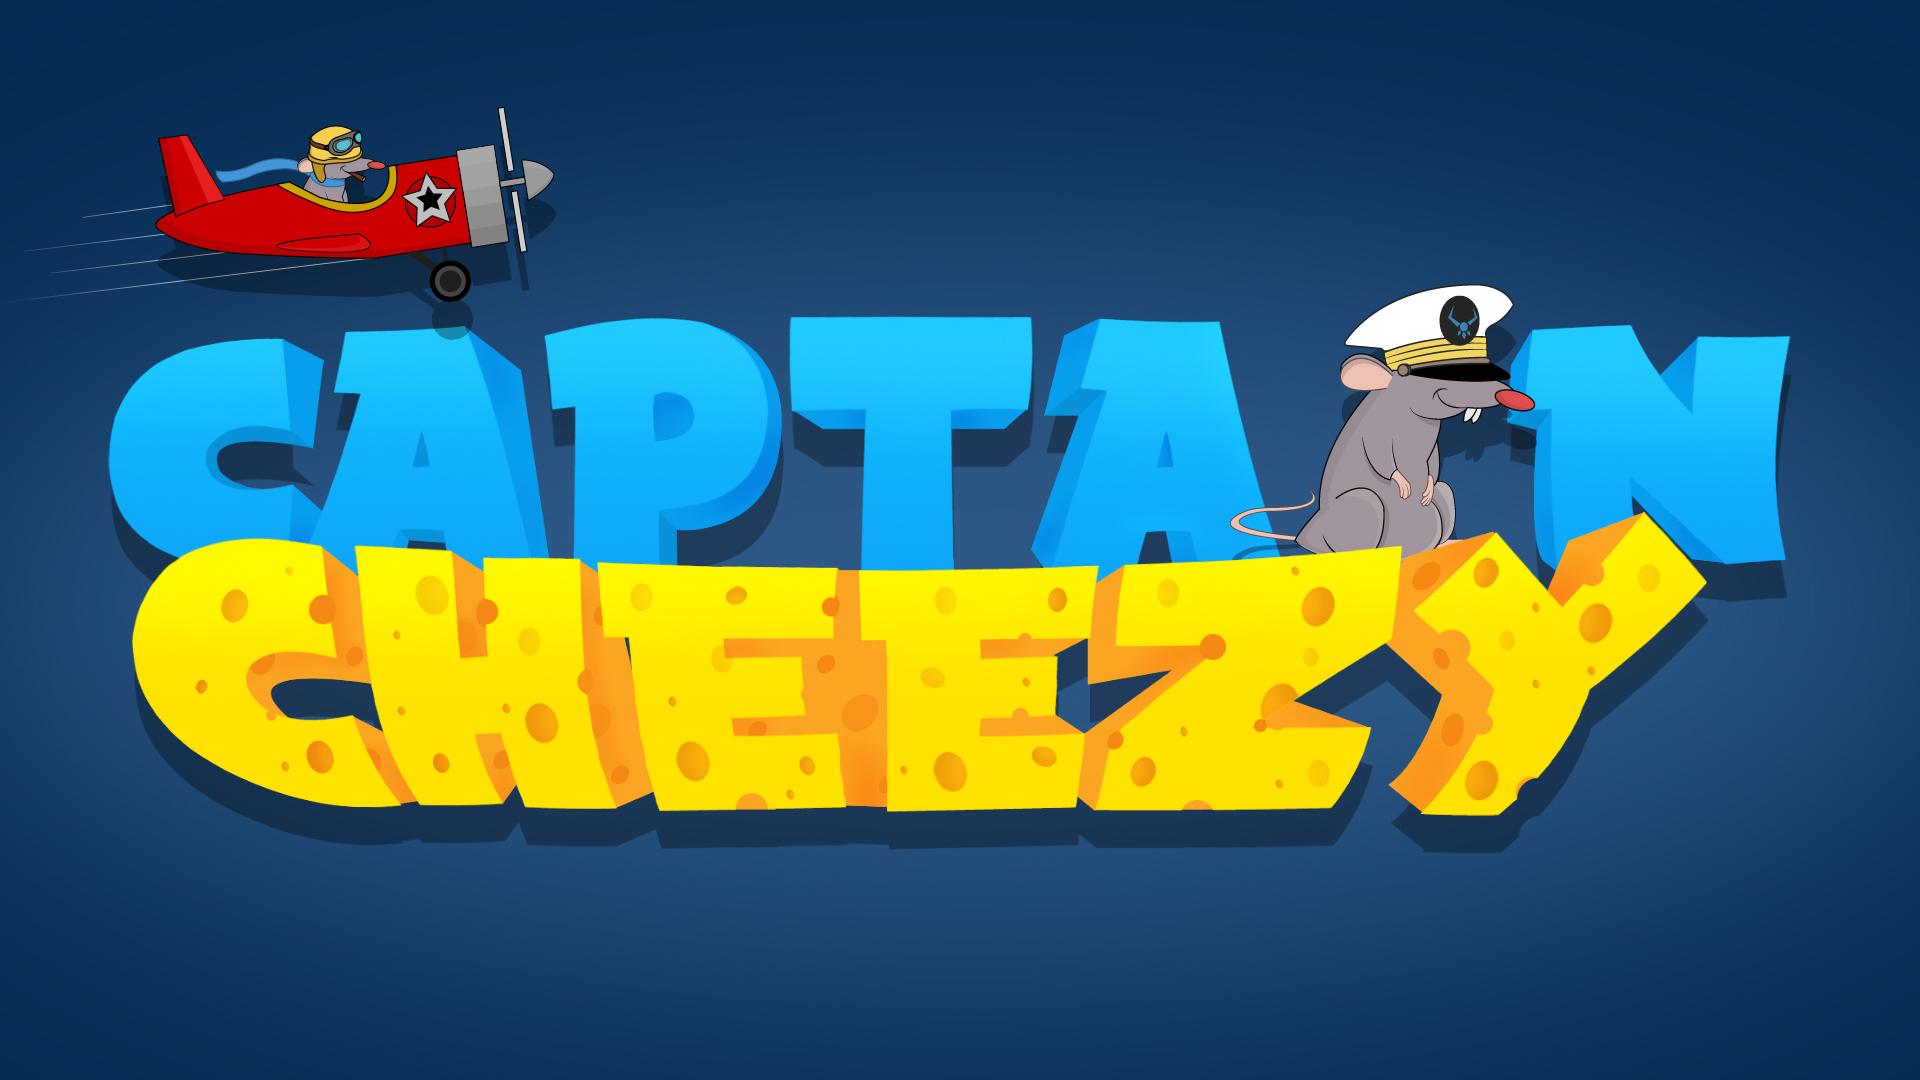 front_captaincheezy_1920x1080_01